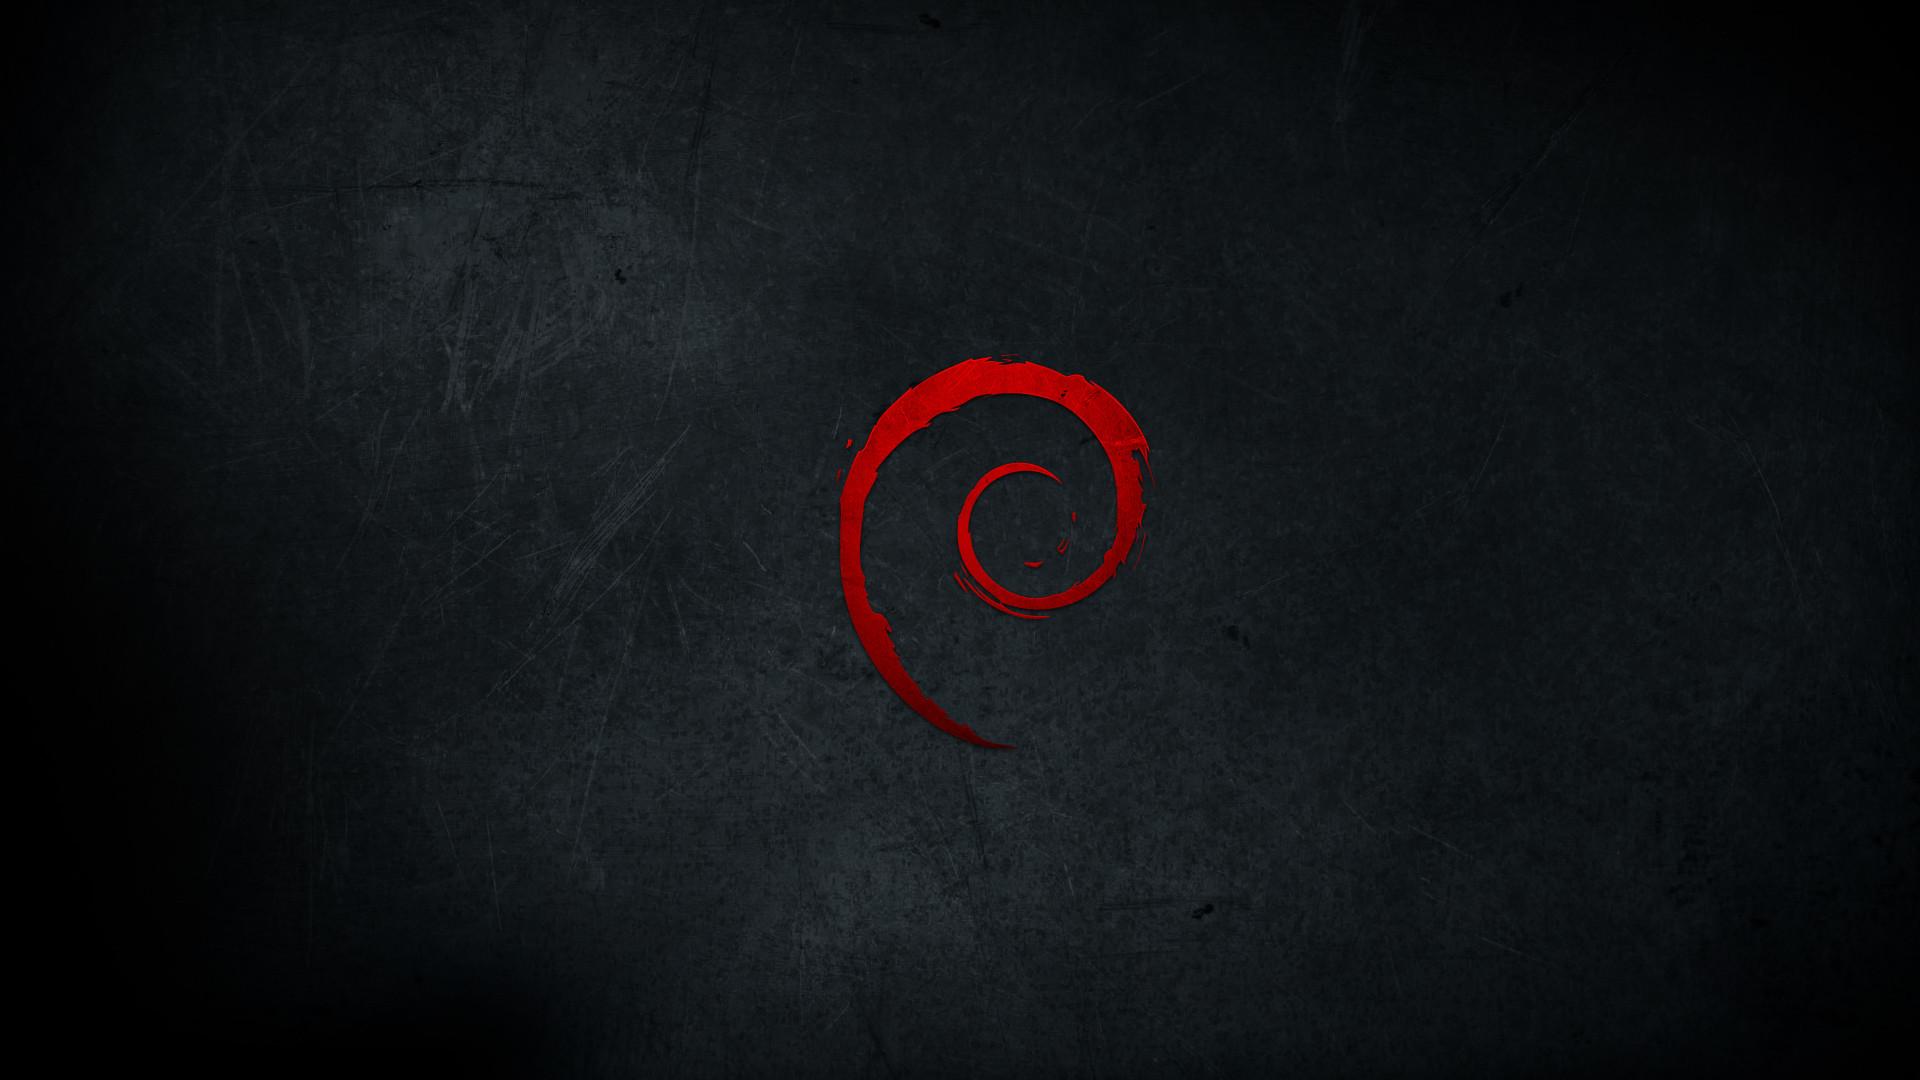 Debian Metal Wallpaper HD by malkowitch